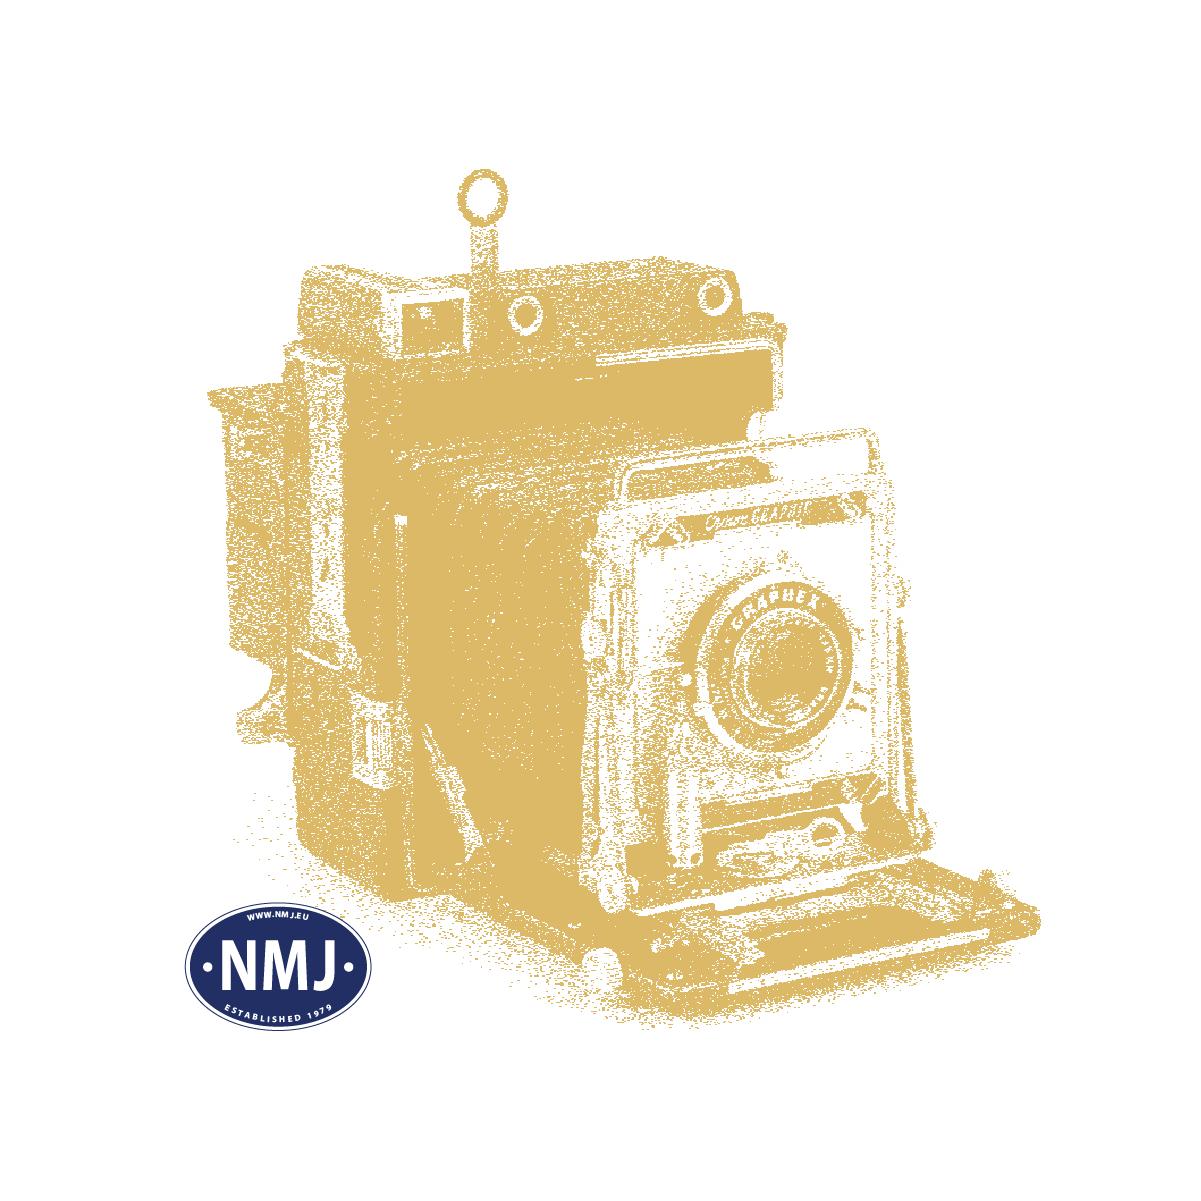 NMJT145005 - NMJ Topline NSB Di3.602, Nydesign GM Logo, DC Analog, 0-Skala